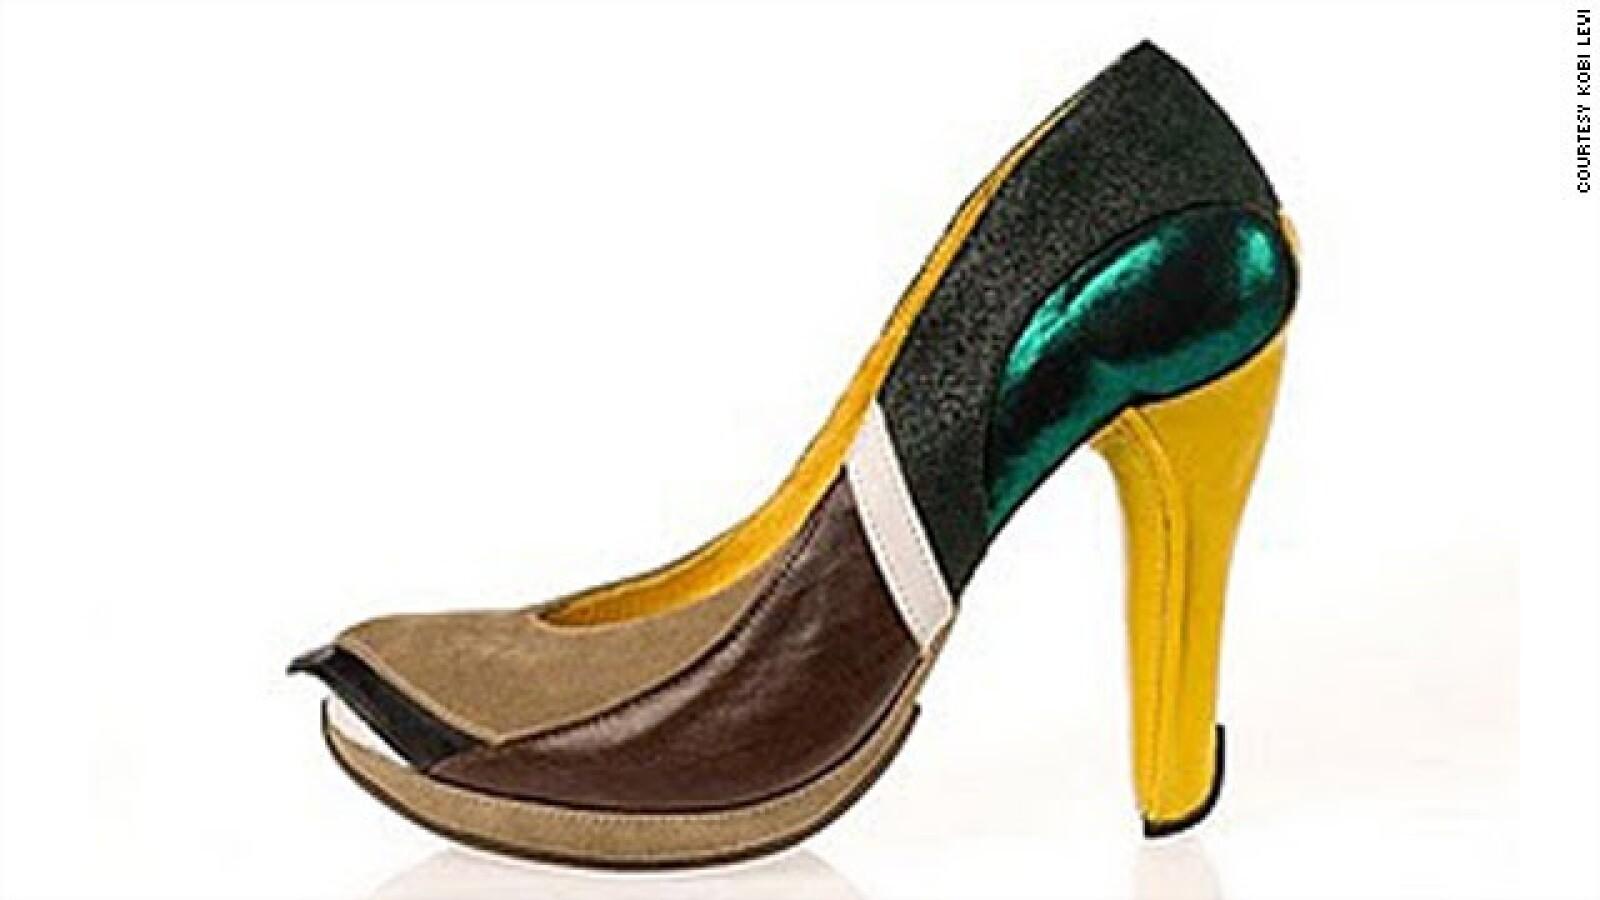 ZapatosArteDoce